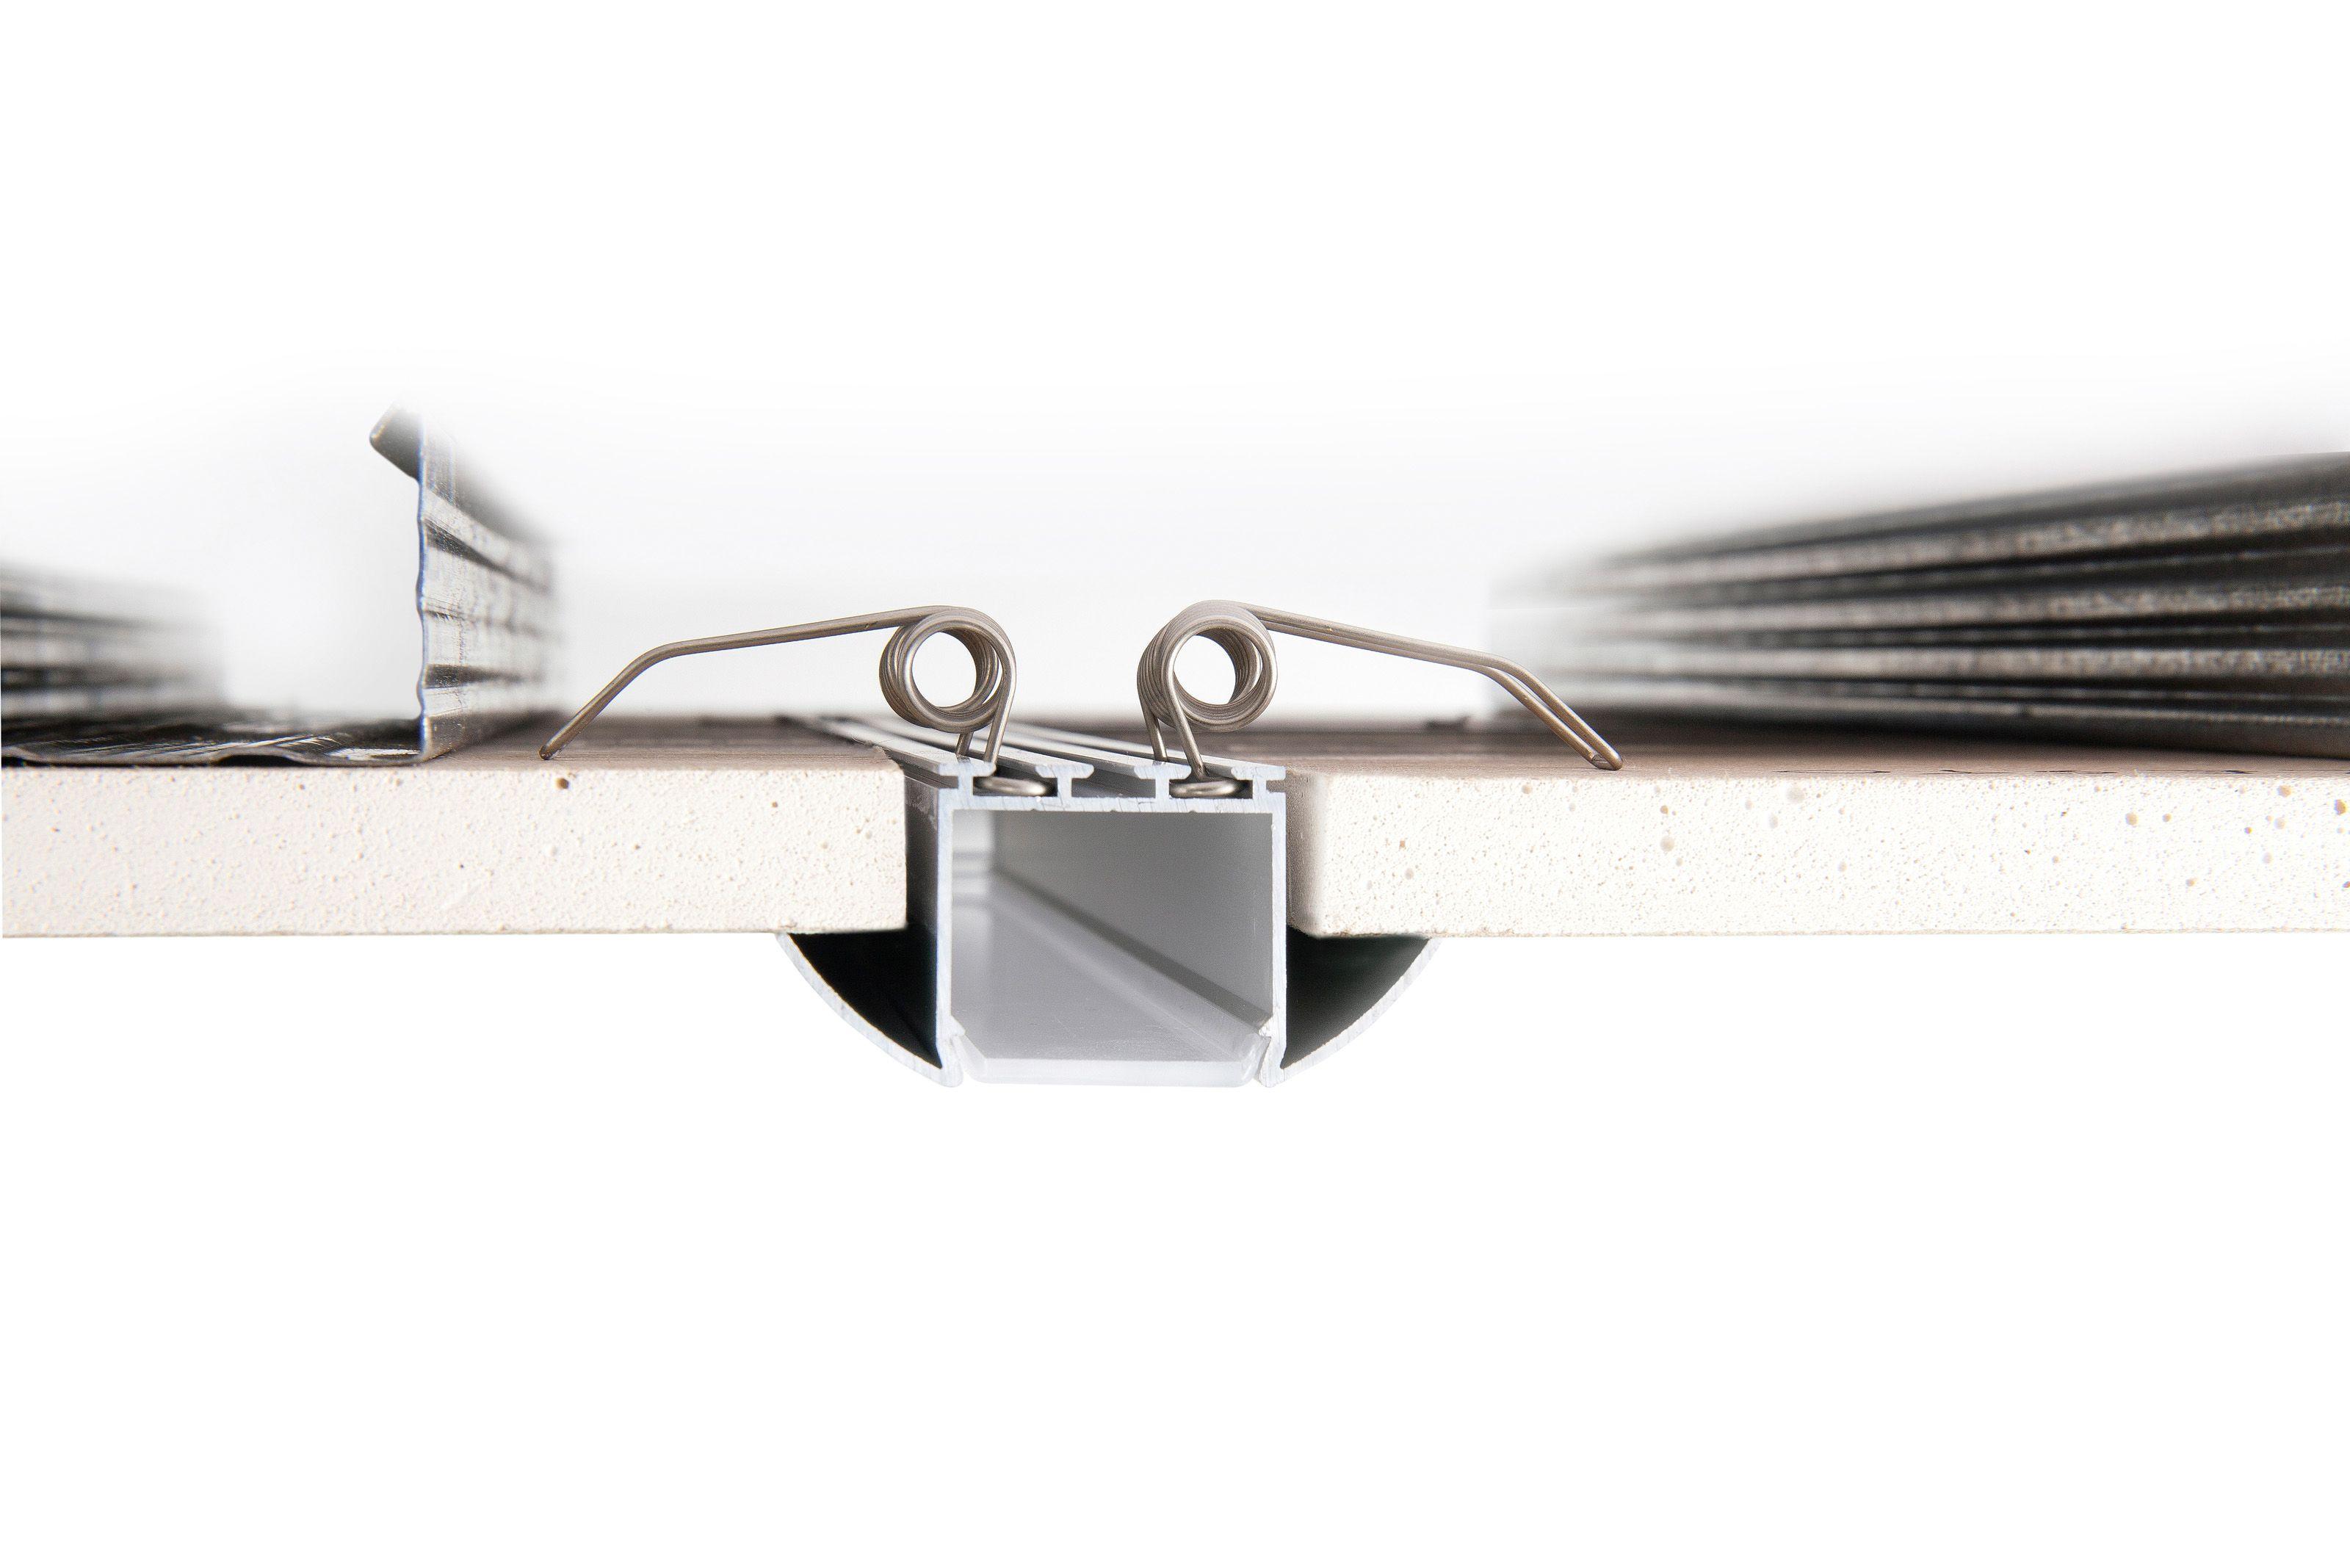 lightline-bh-5-mj-lighting-v2